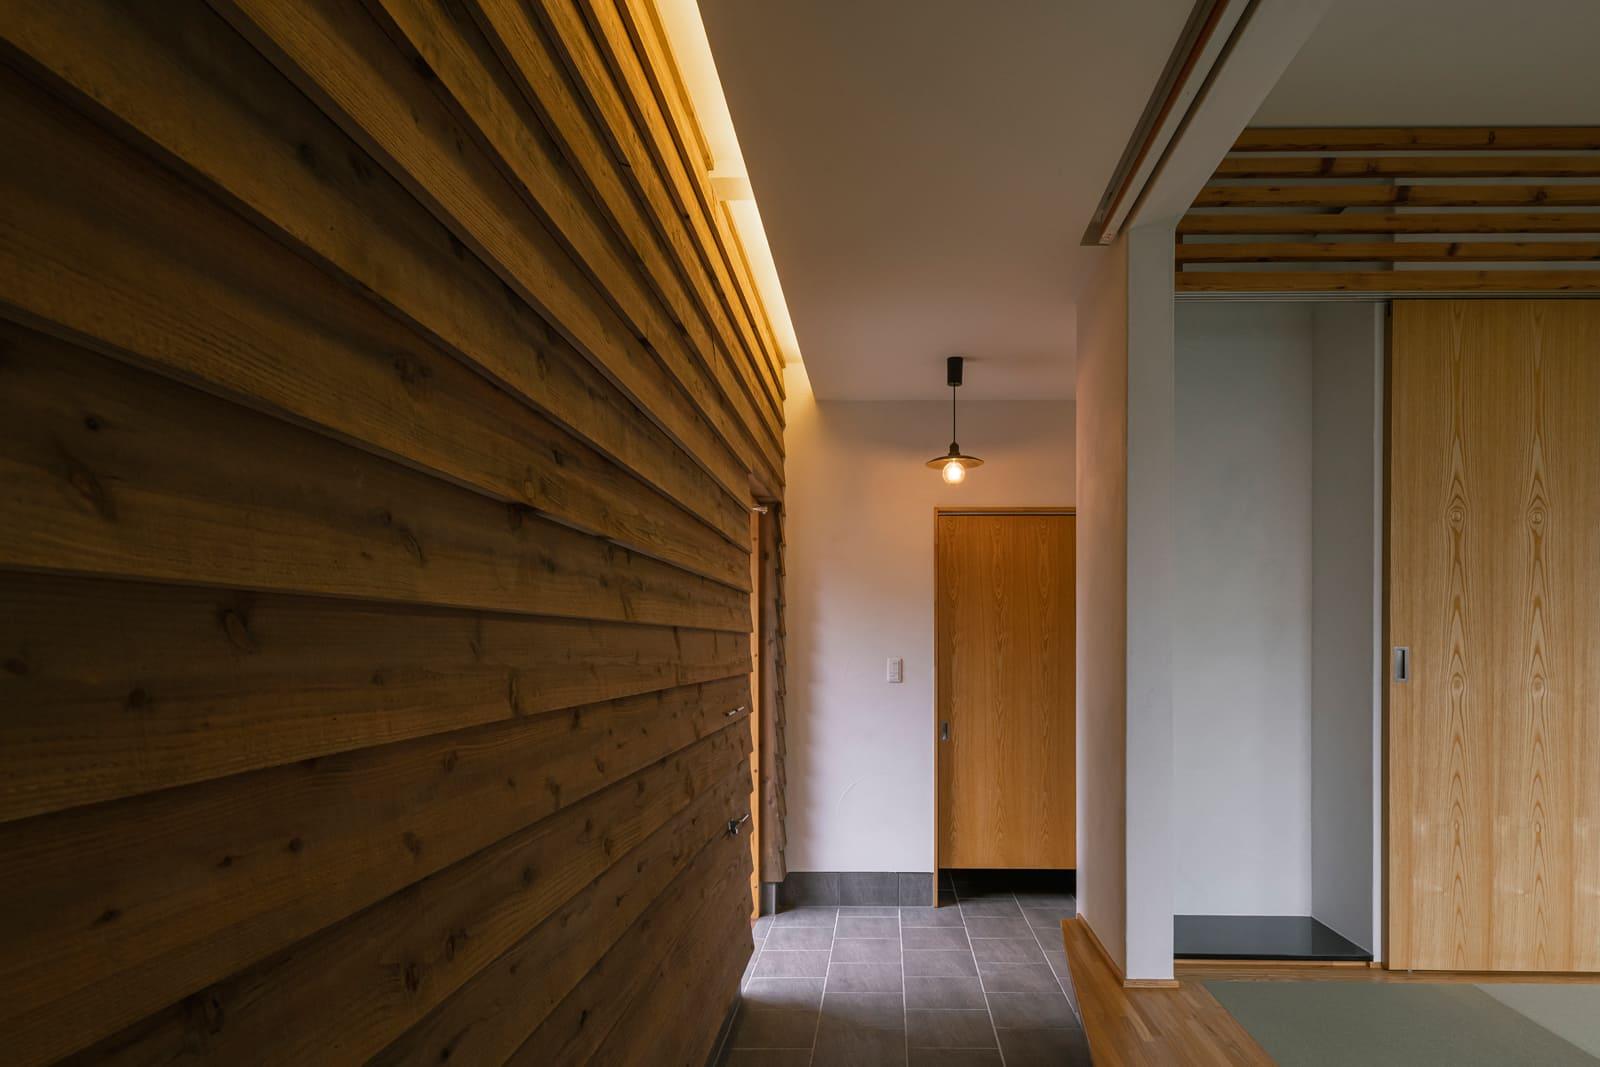 外壁と同じ道産スギを壁に下見板張りにした土間。中と外の中間領域のように見せる設えが空間に奥行き感を演出